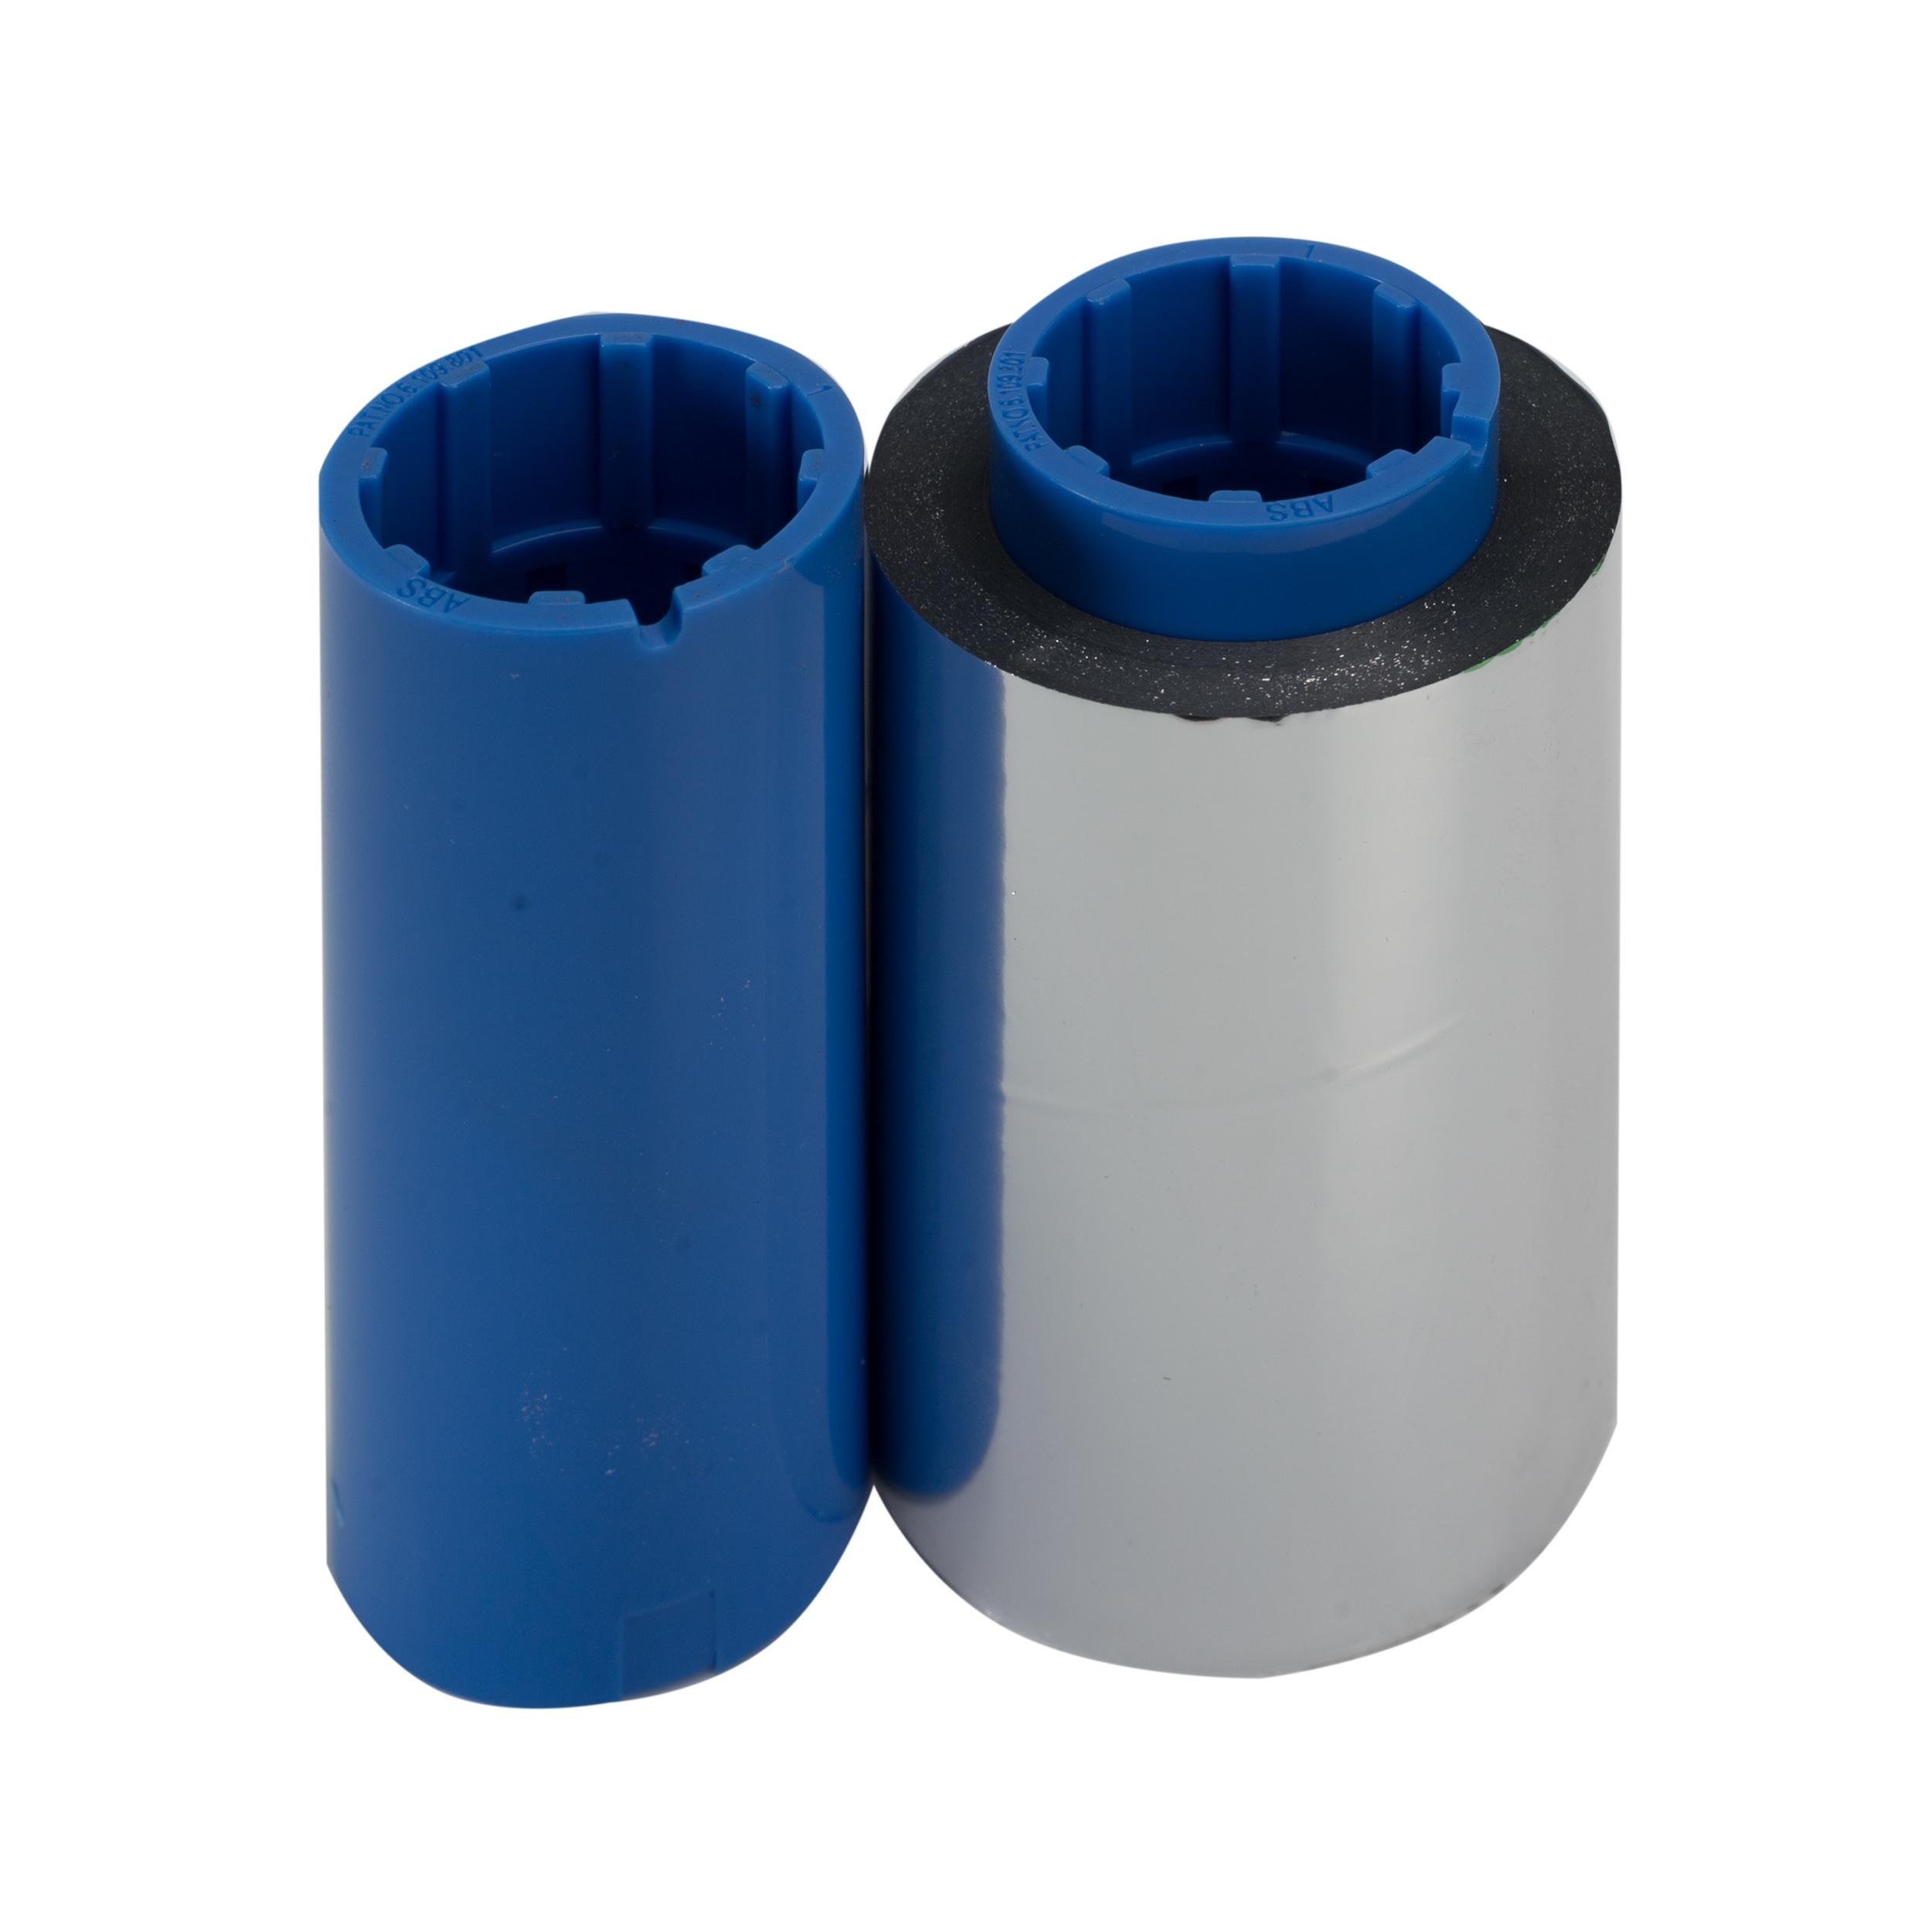 Серебряная лента совместимая с принтером Zebra 800015-107 silver Compatible ribbon